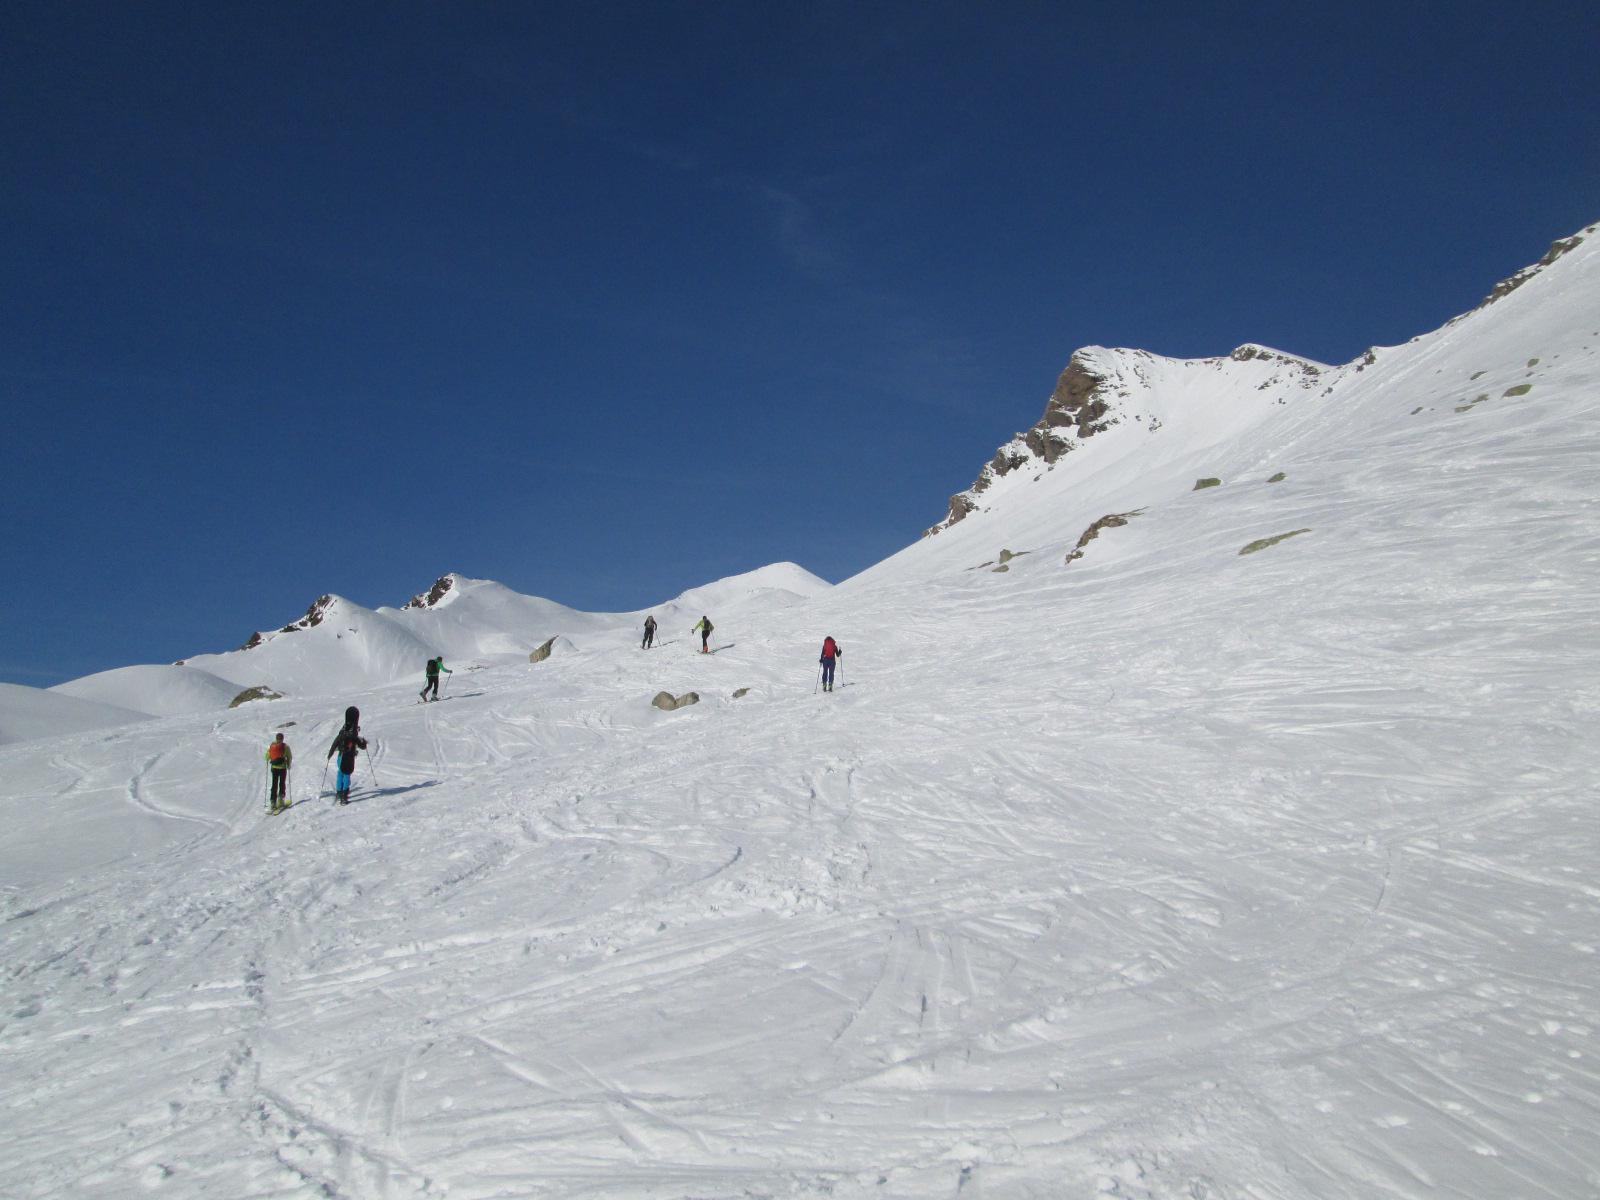 il lungo vallone di salita, con la cima in fondo